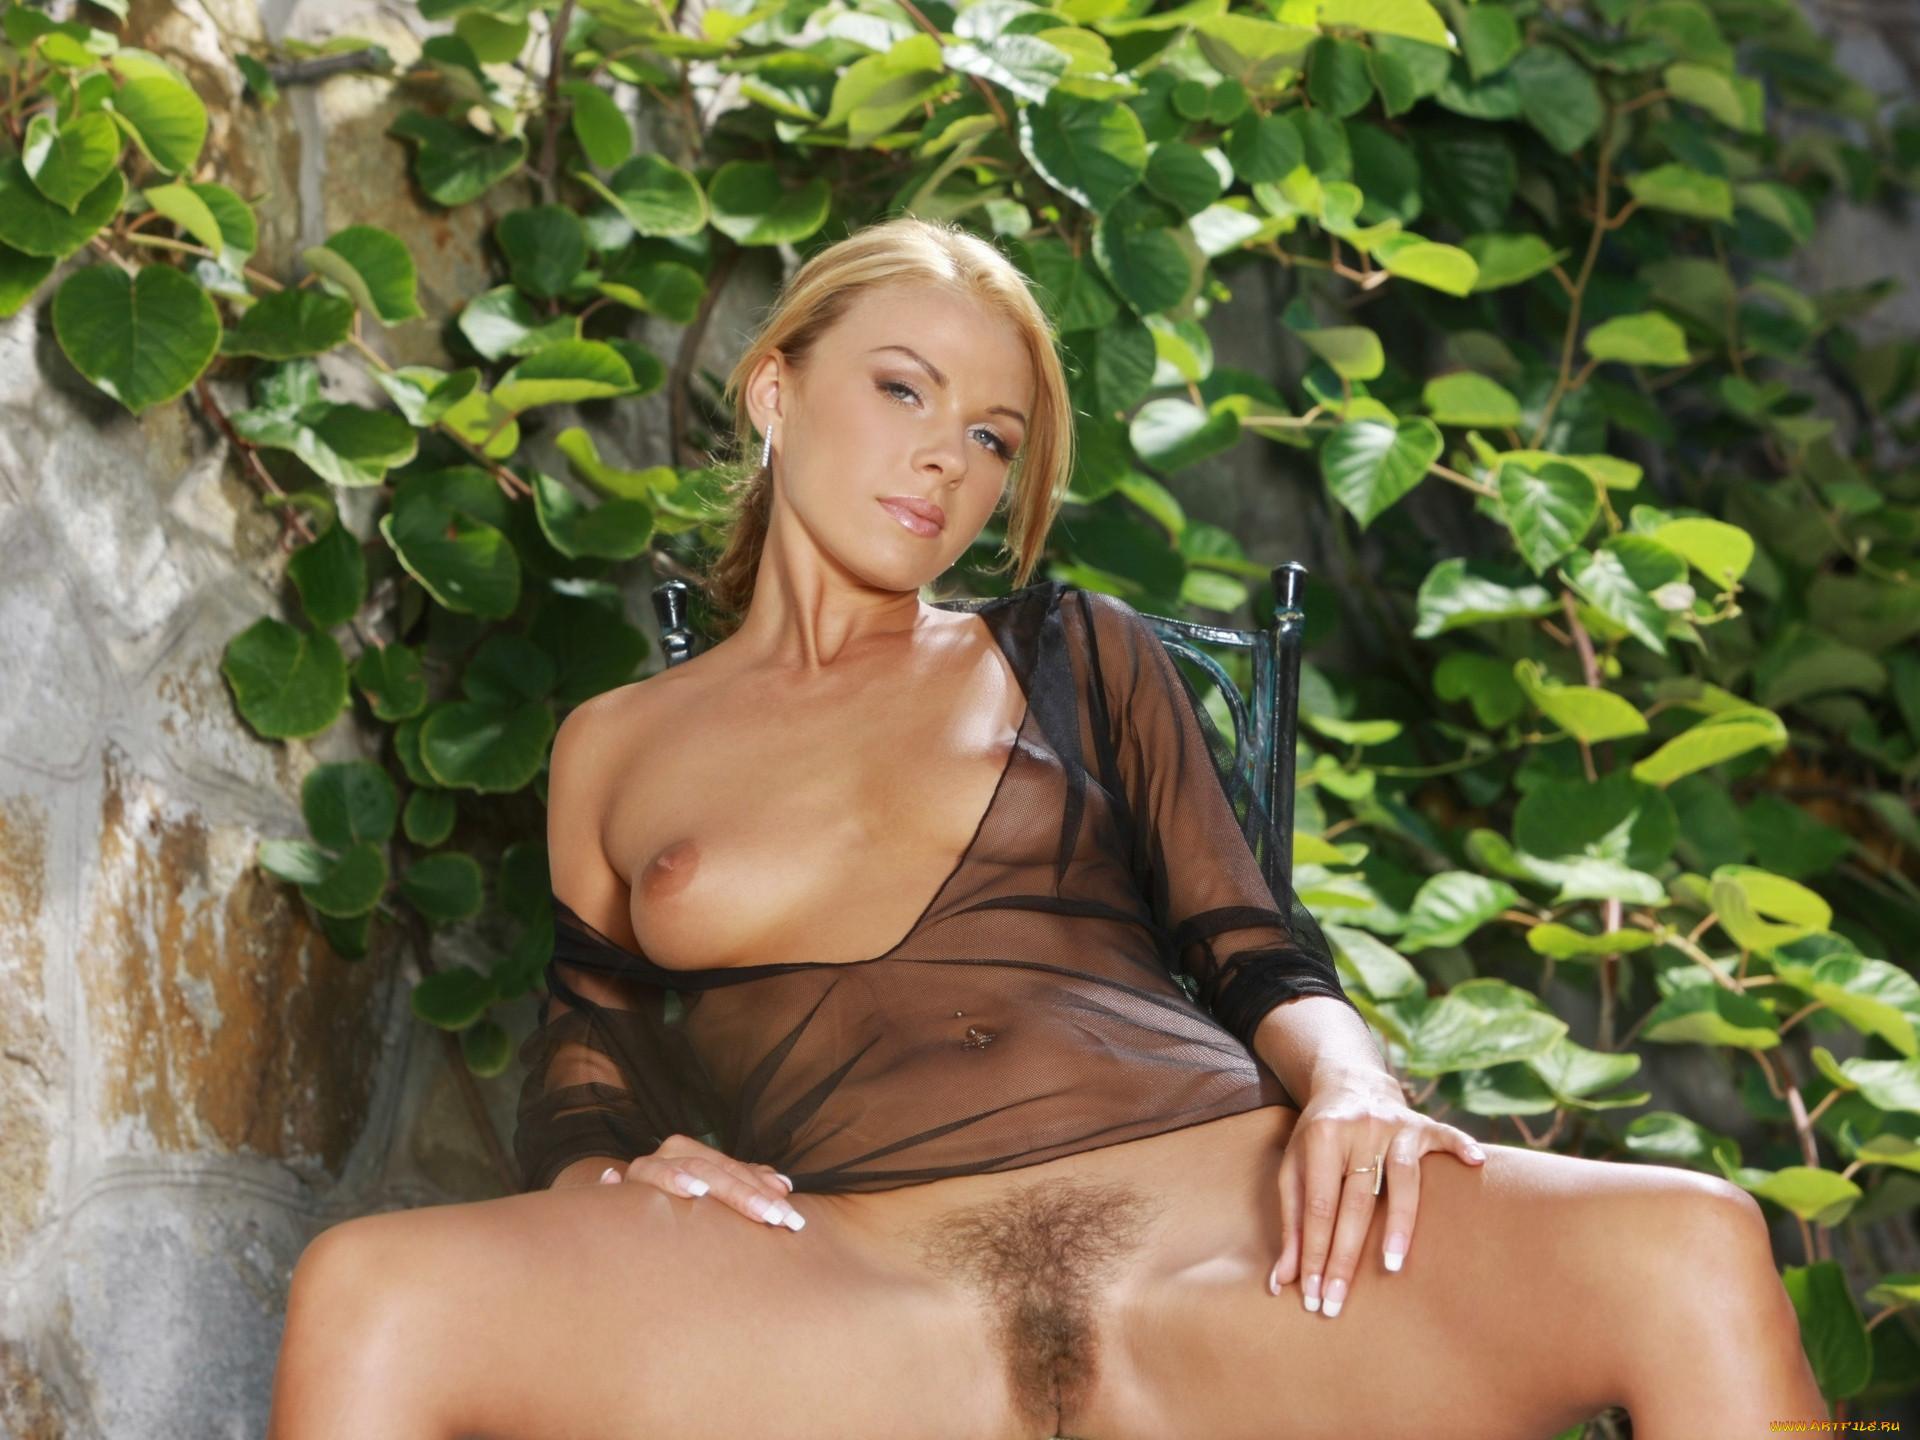 Смотреть порно женщины одеты в прозрачные одежды на голое волосатое тело 3 фотография